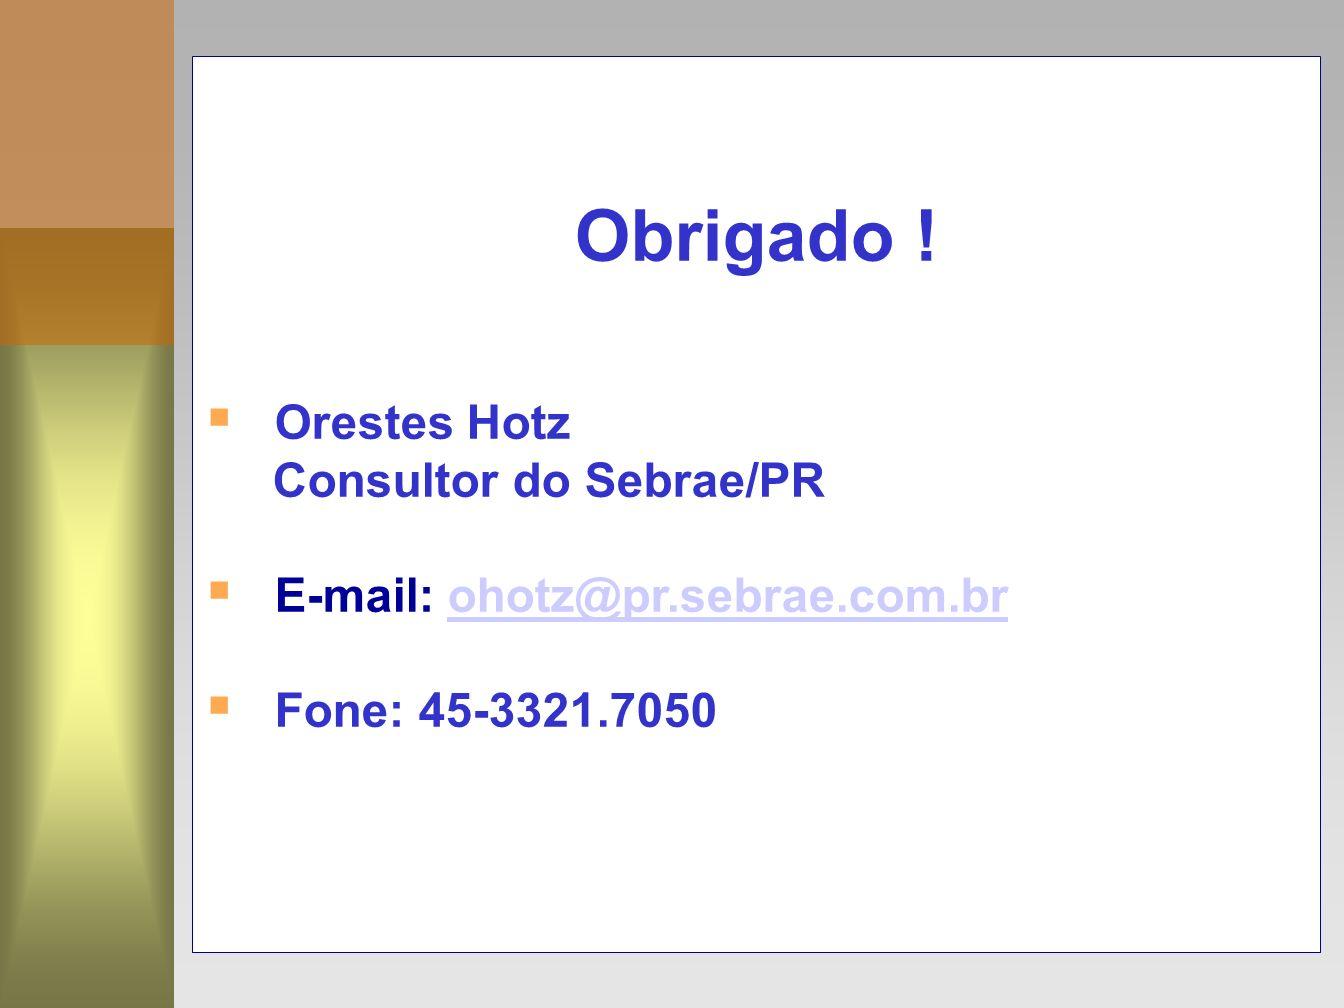 Obrigado ! Orestes Hotz Consultor do Sebrae/PR